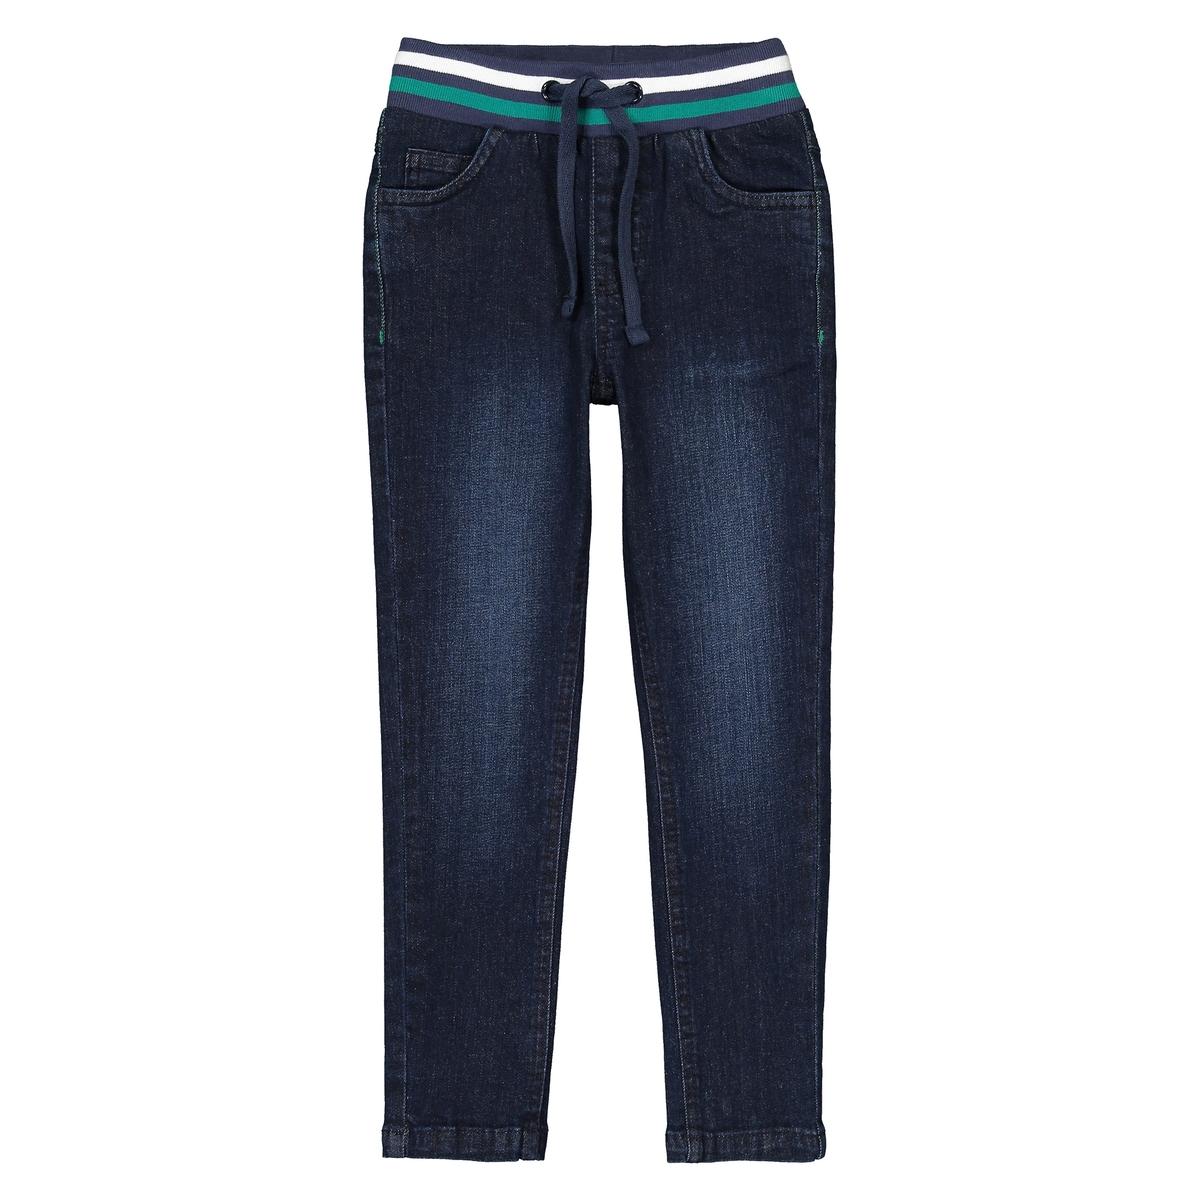 Jeans slim, cós elástico 3-12 anos